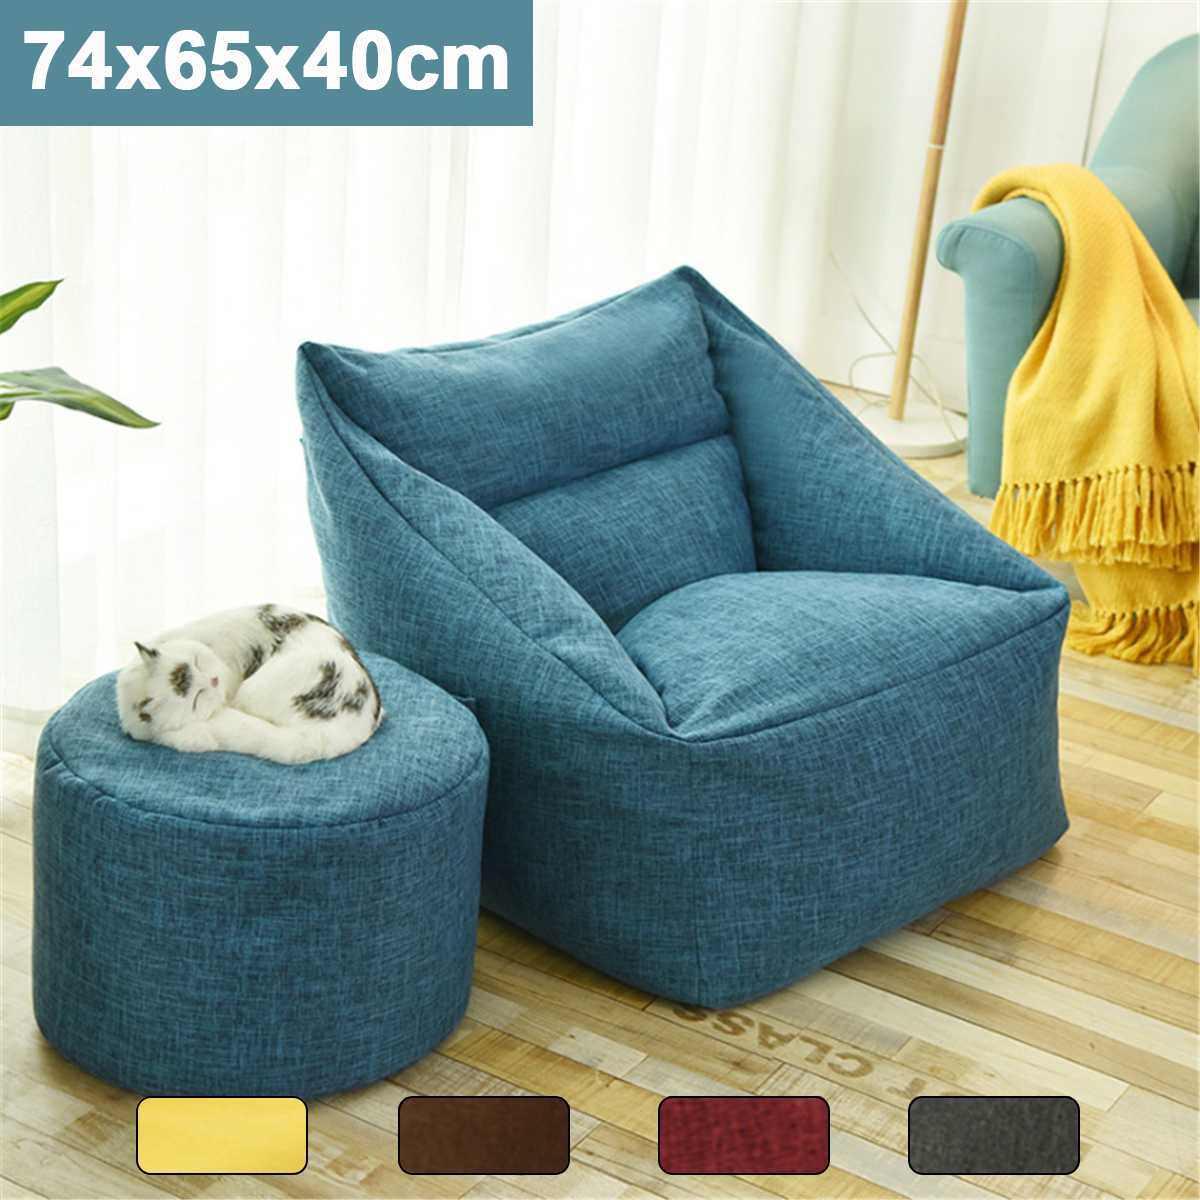 Непромокаемый бобовый мешок моющийся Beanbag диваны ленивый диван крытое кресло стул крышка большое Кресло-мешок кресло уютная игра желтый